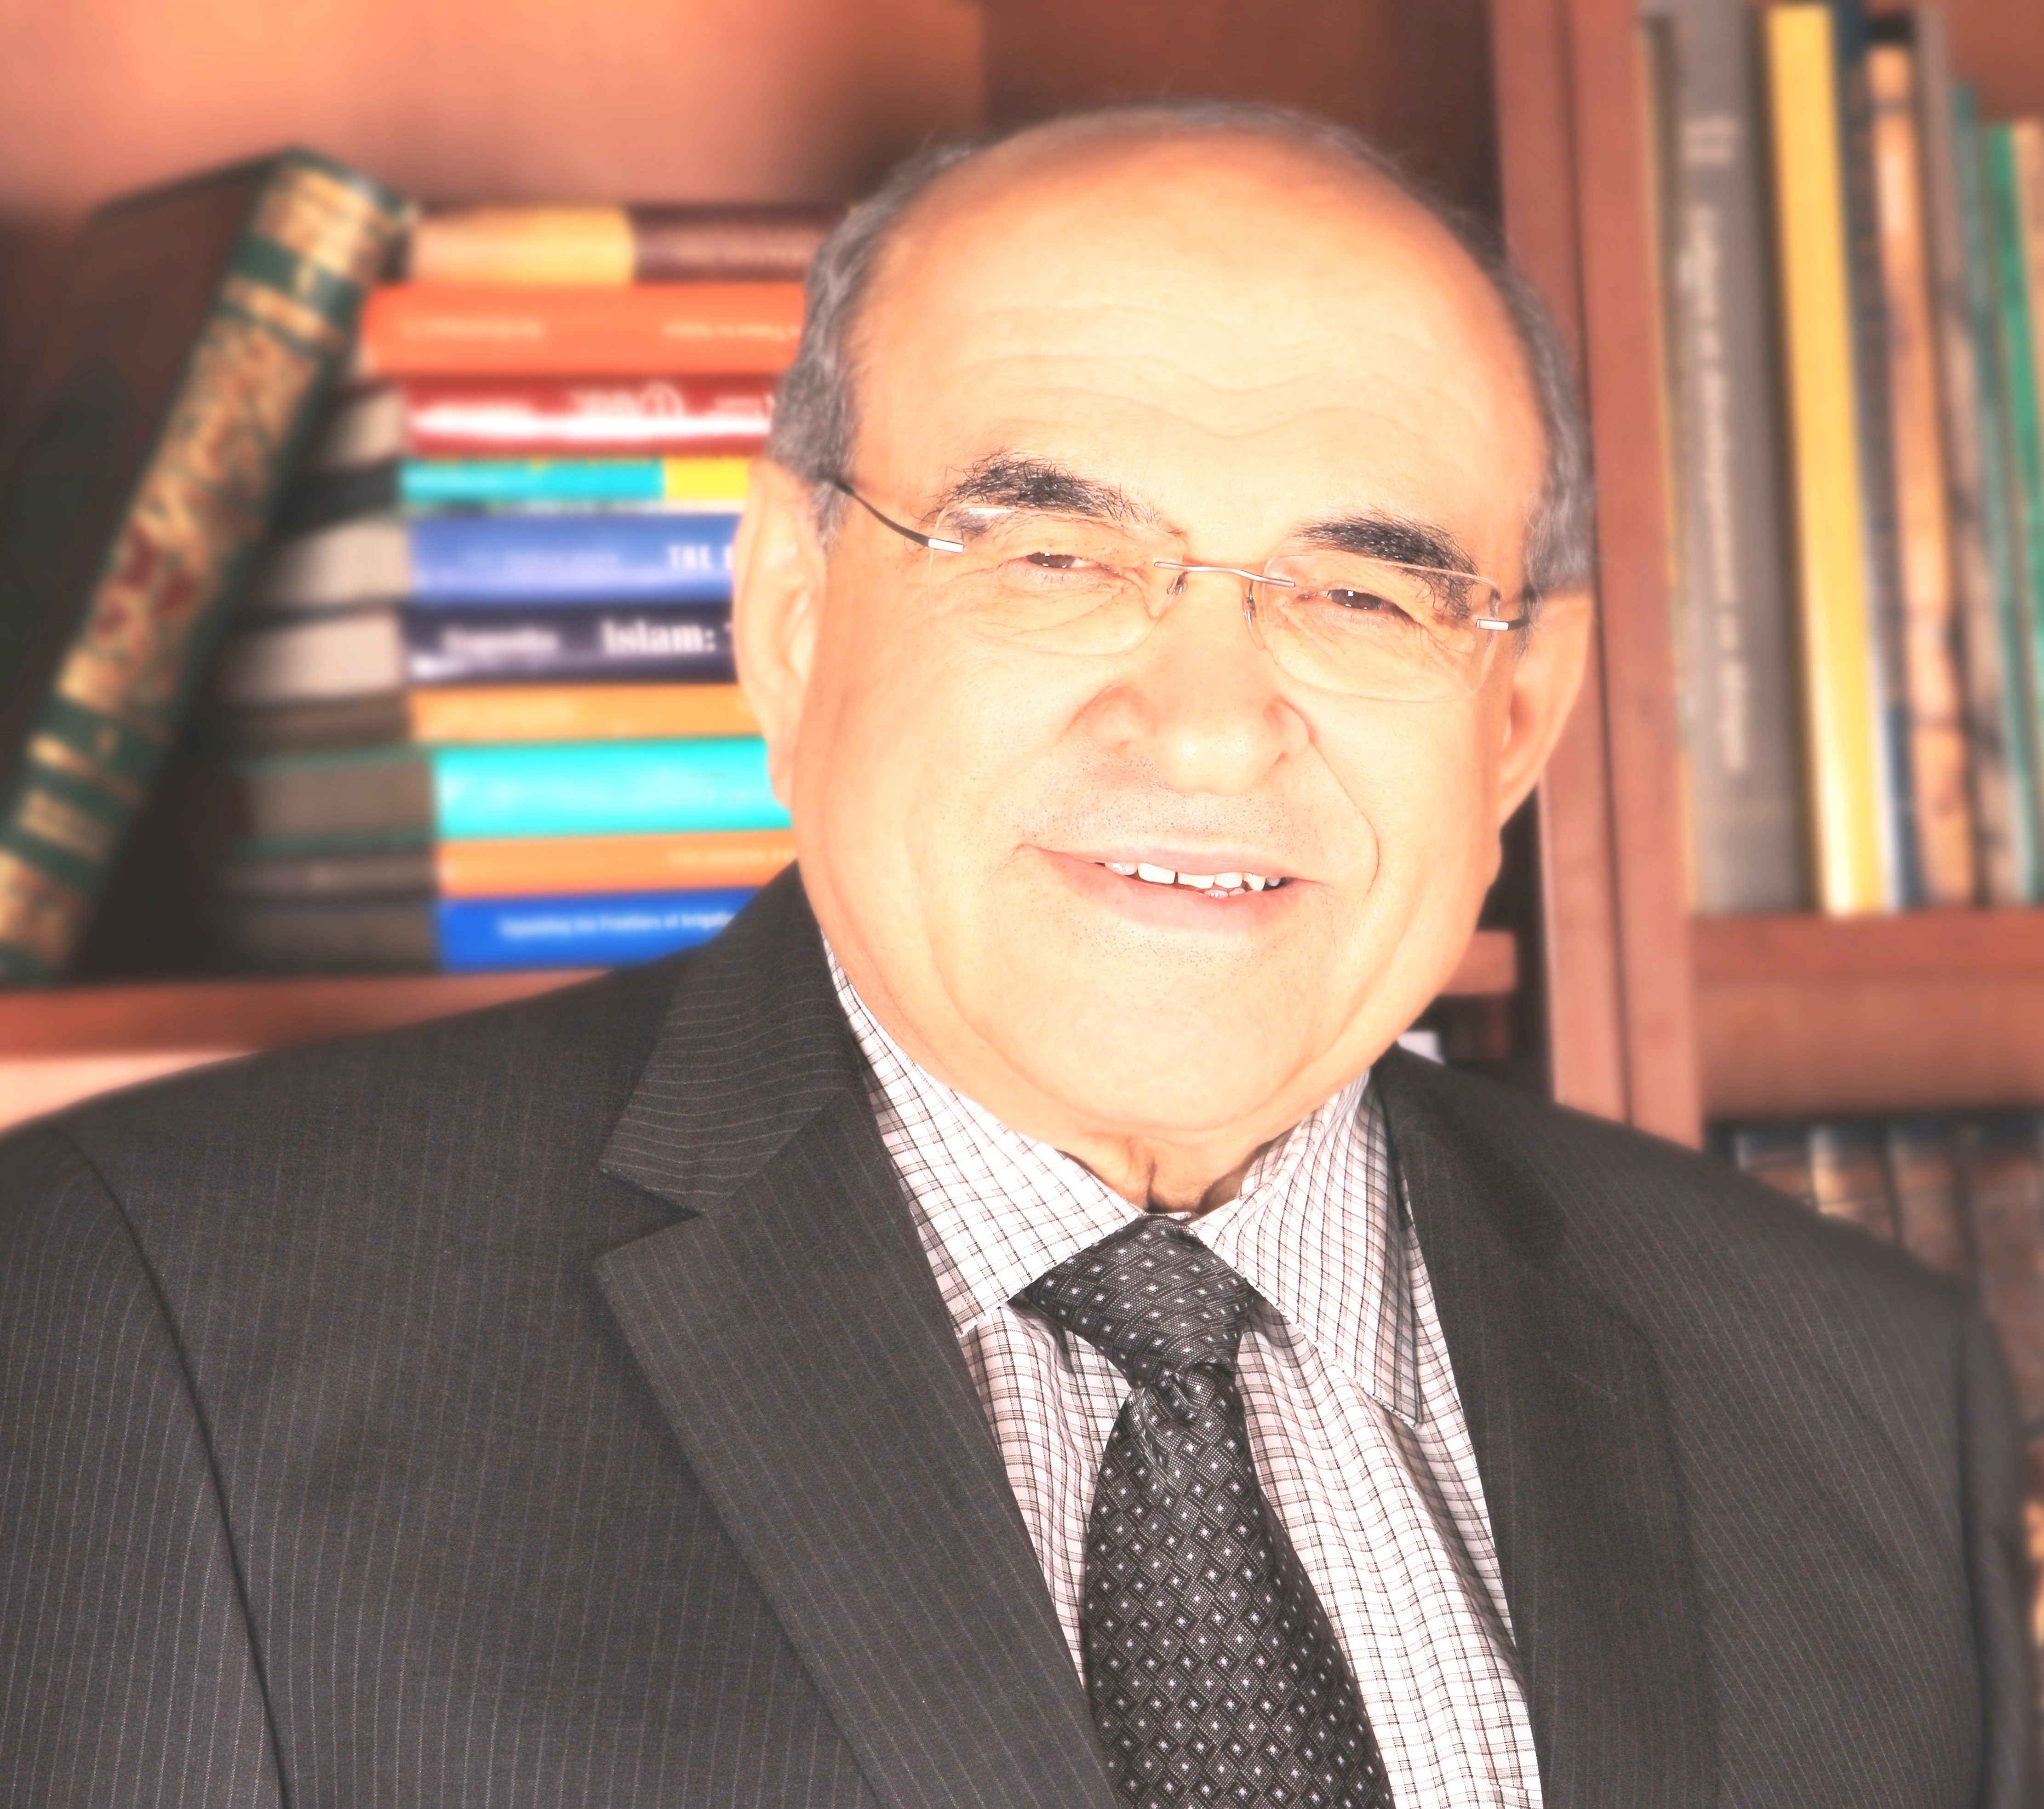 El Feki Mostafa